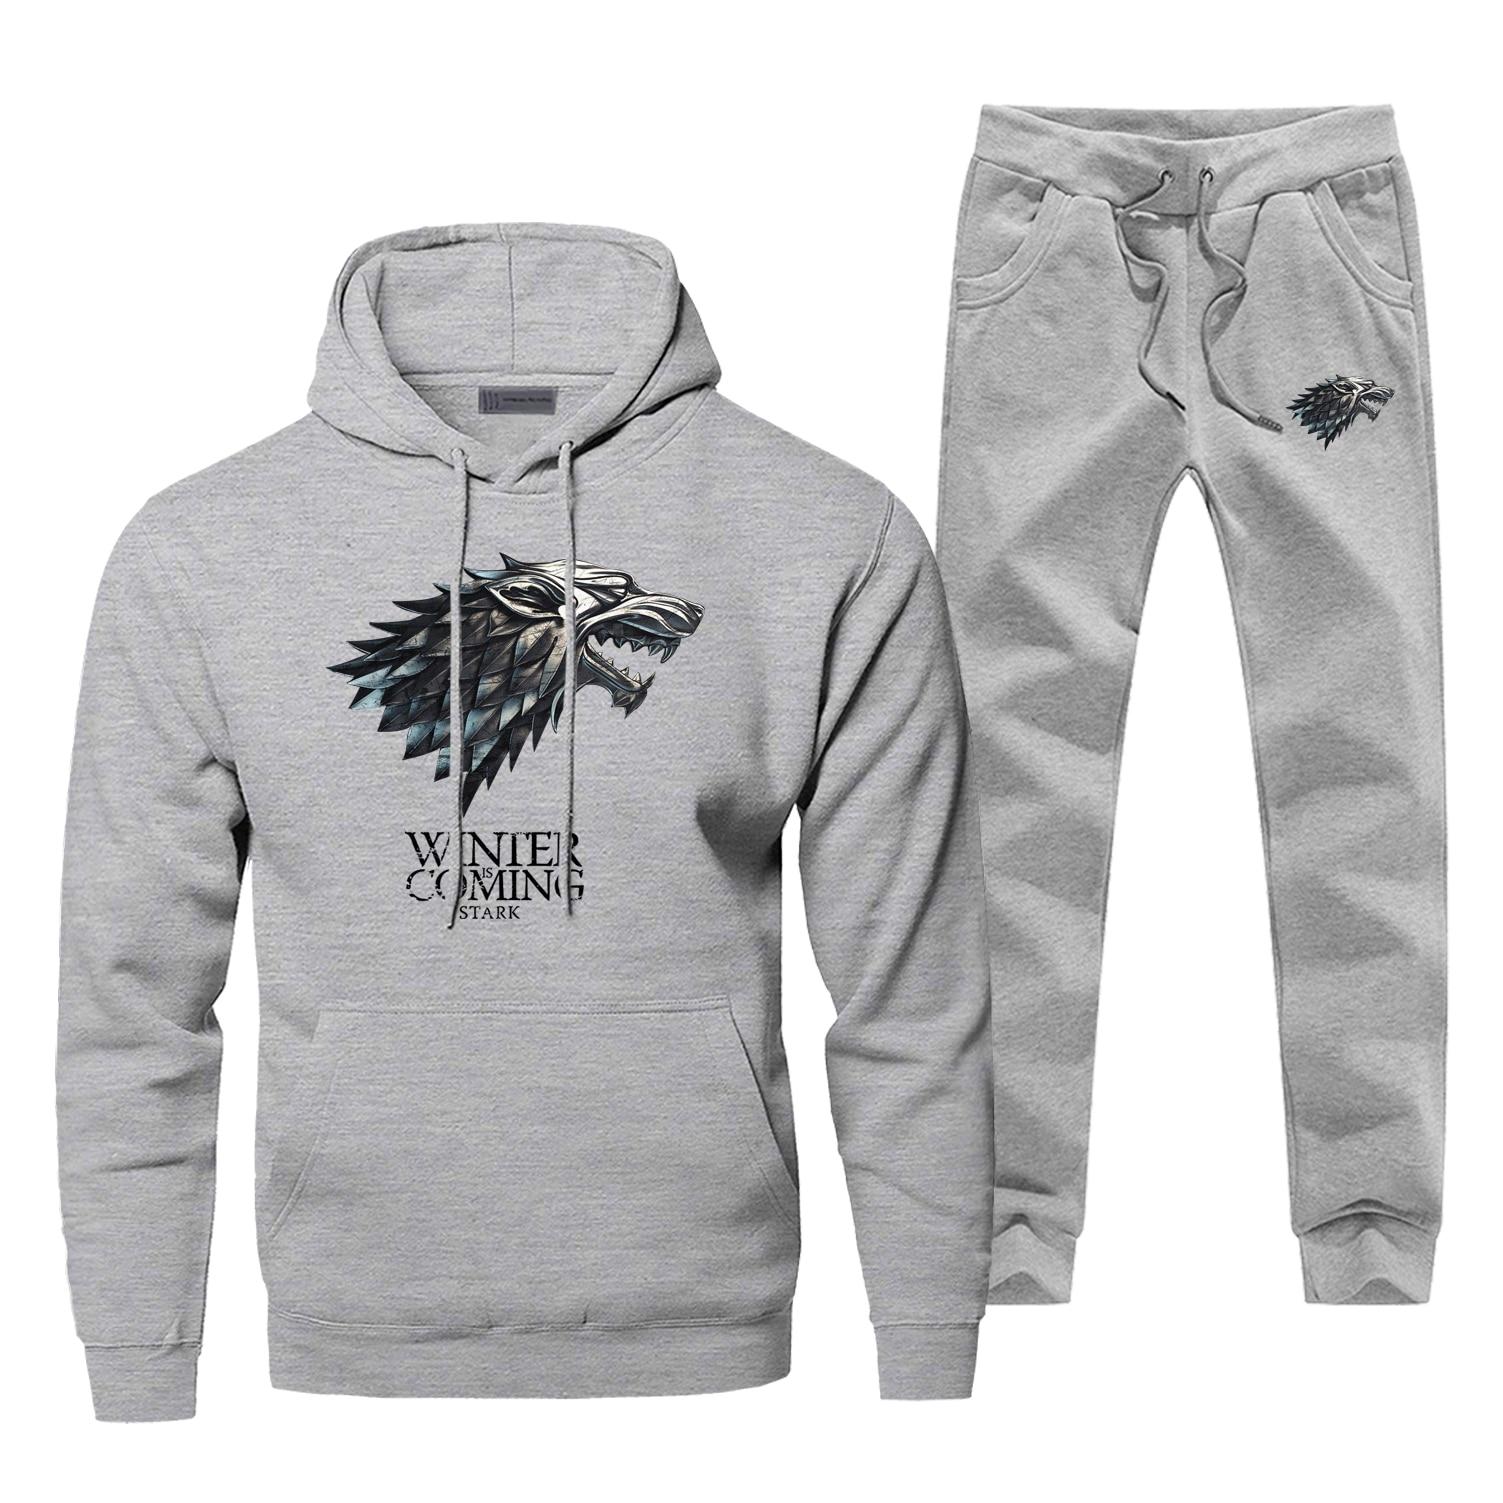 Game Of Thrones Mens Hoodies Pants 2Pieces Sets Winter Is Coming Print Hoodie Casual Sweatshirt Men Fleece Sportswear Sweatpants